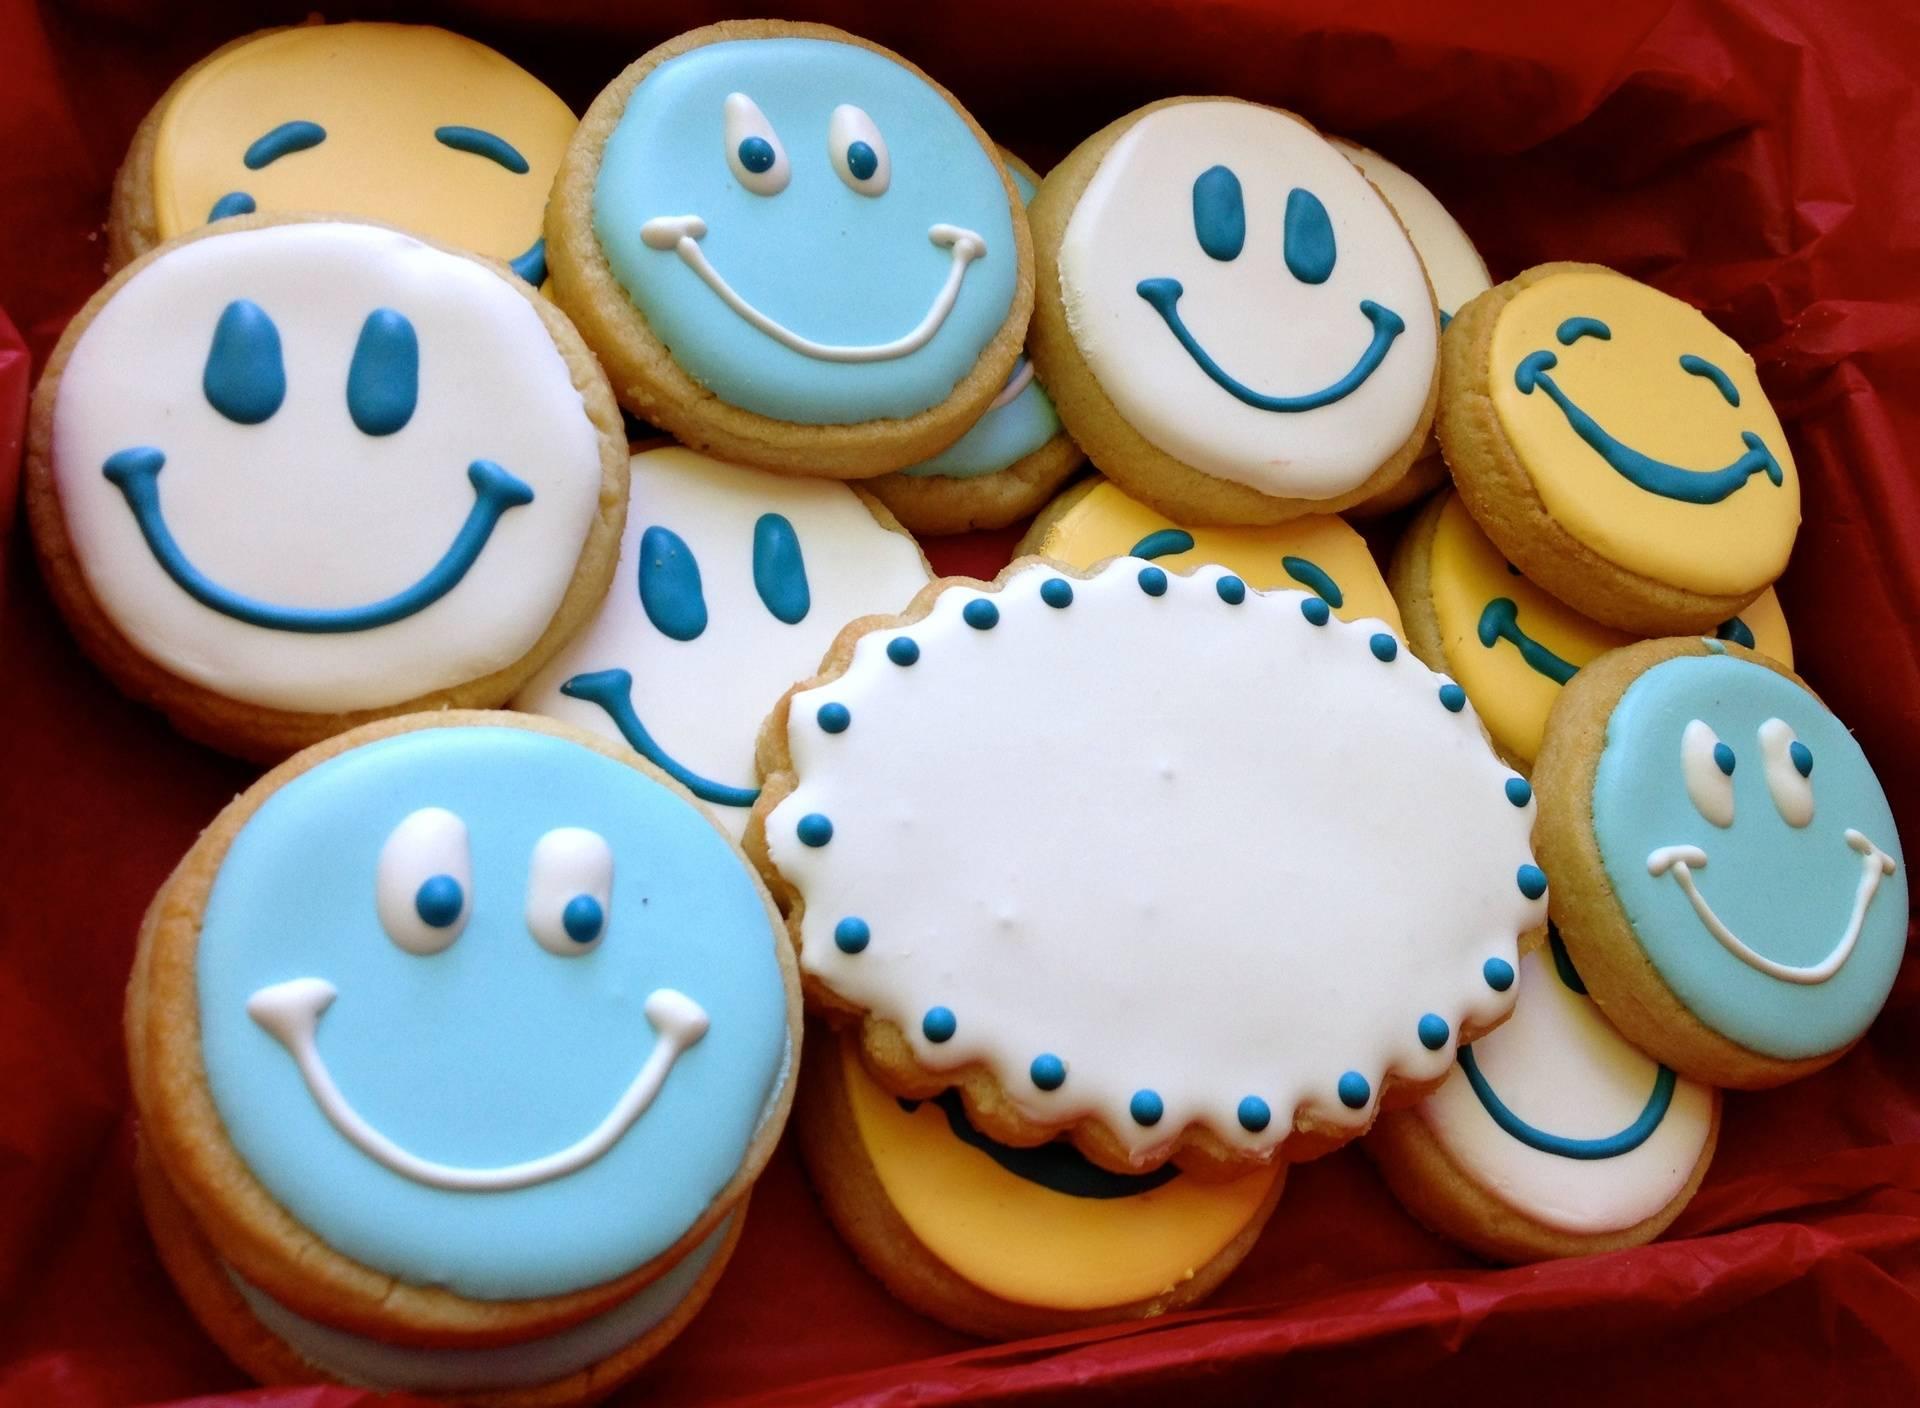 Box of smiles